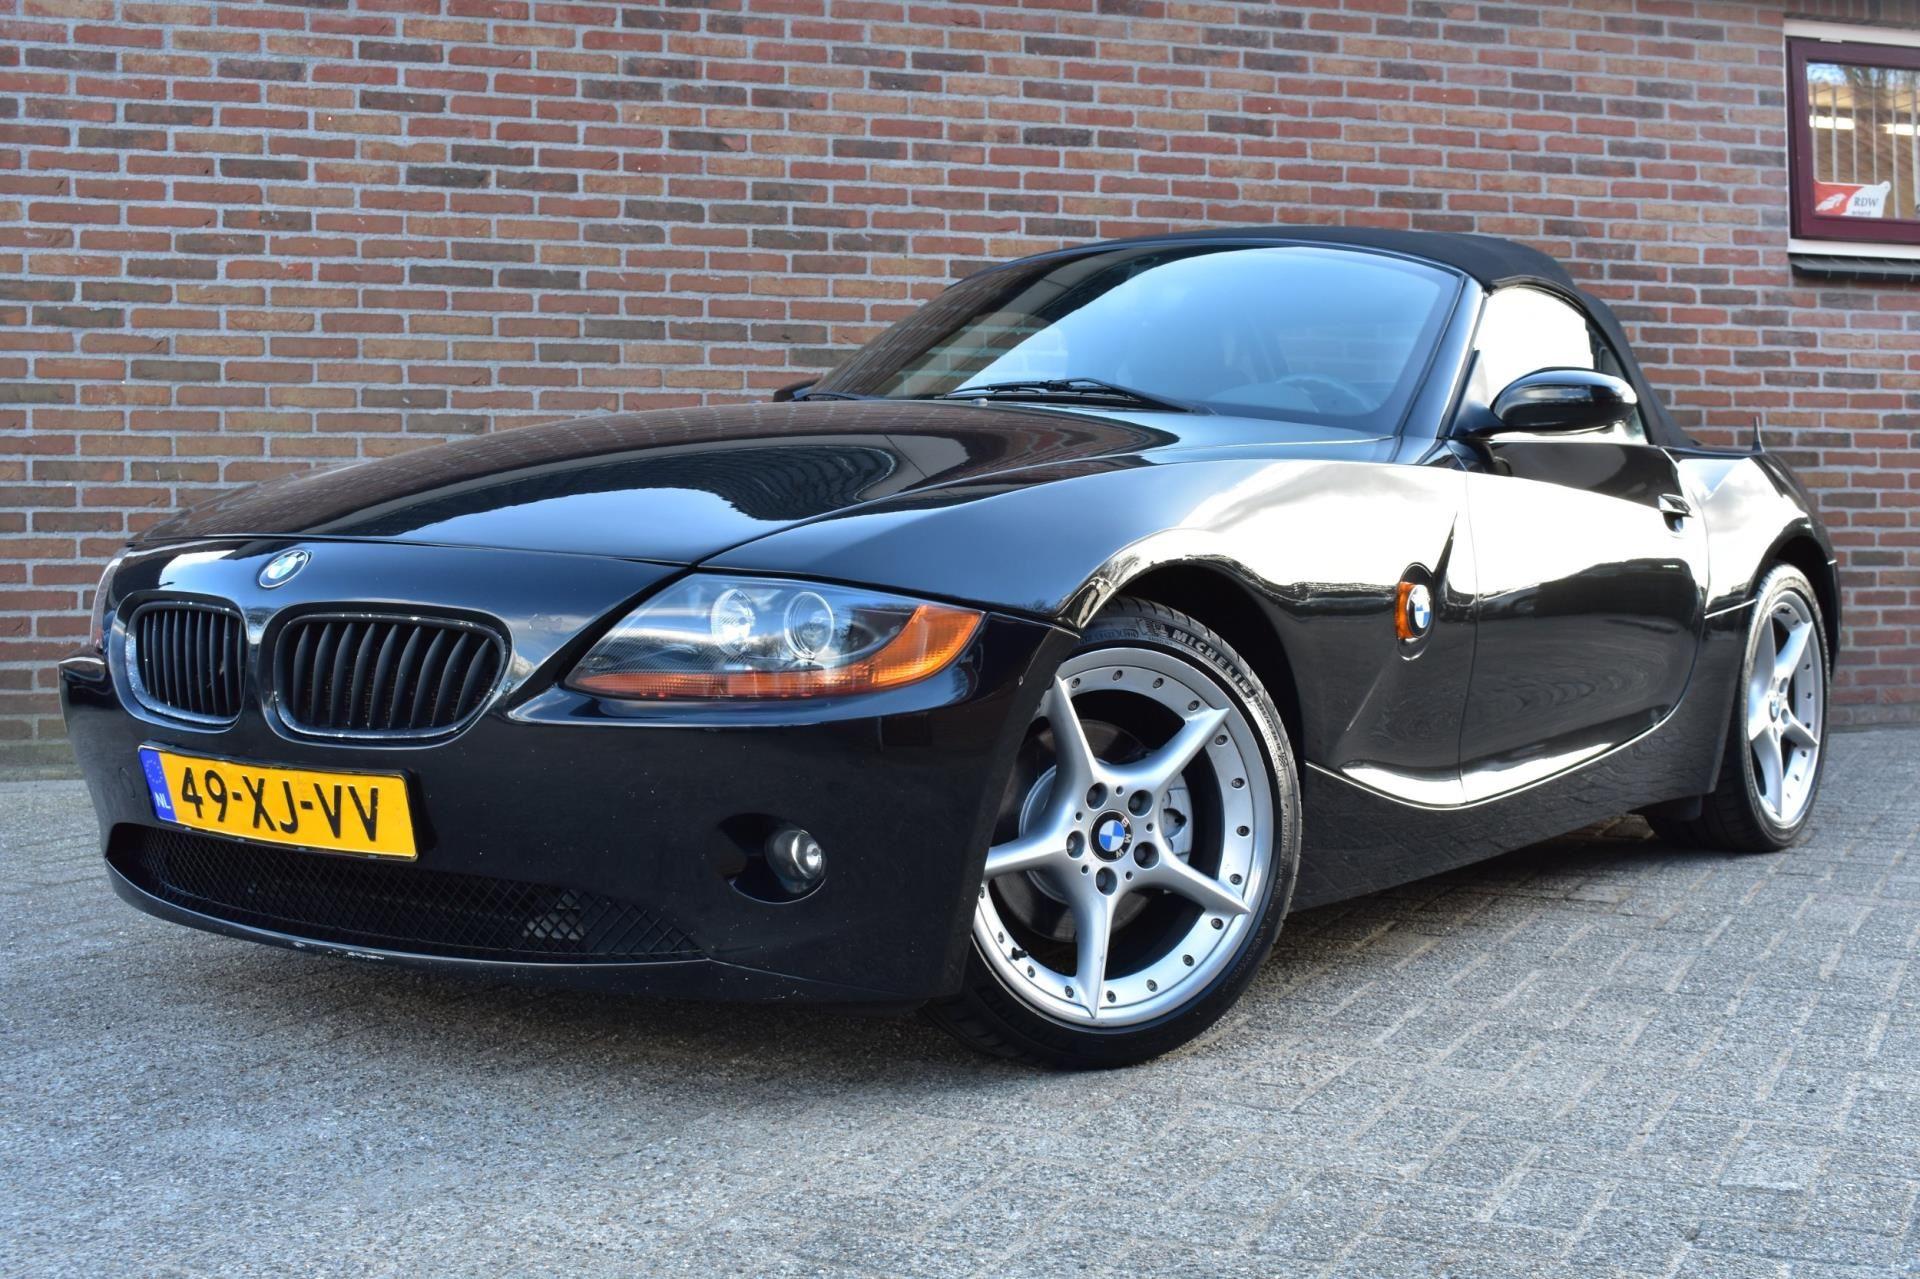 BMW Z4 Roadster occasion - Autobedrijf Prins